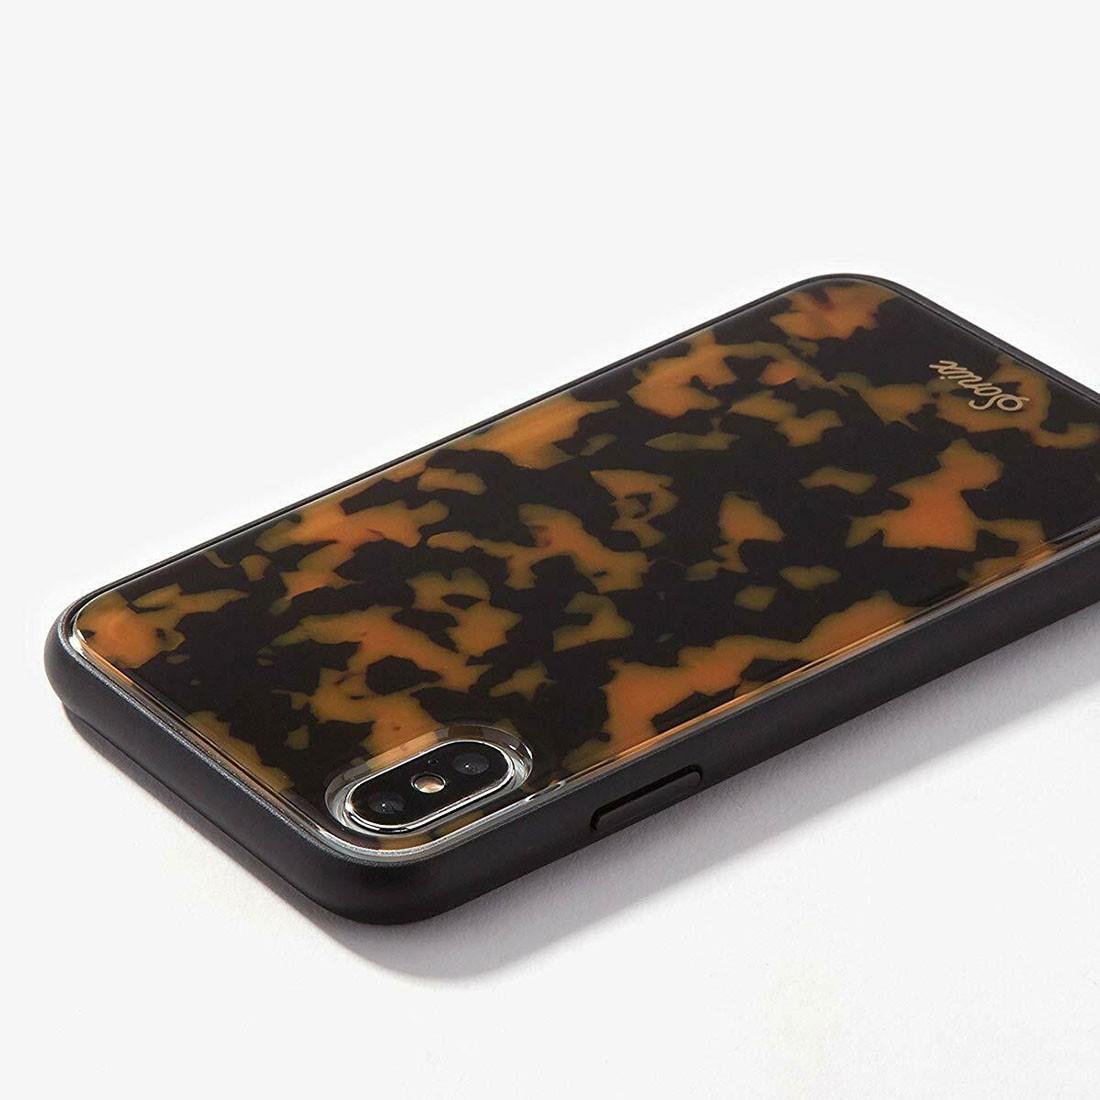 Capa Protetora Luxo Sonix iPhone X e XS 2017